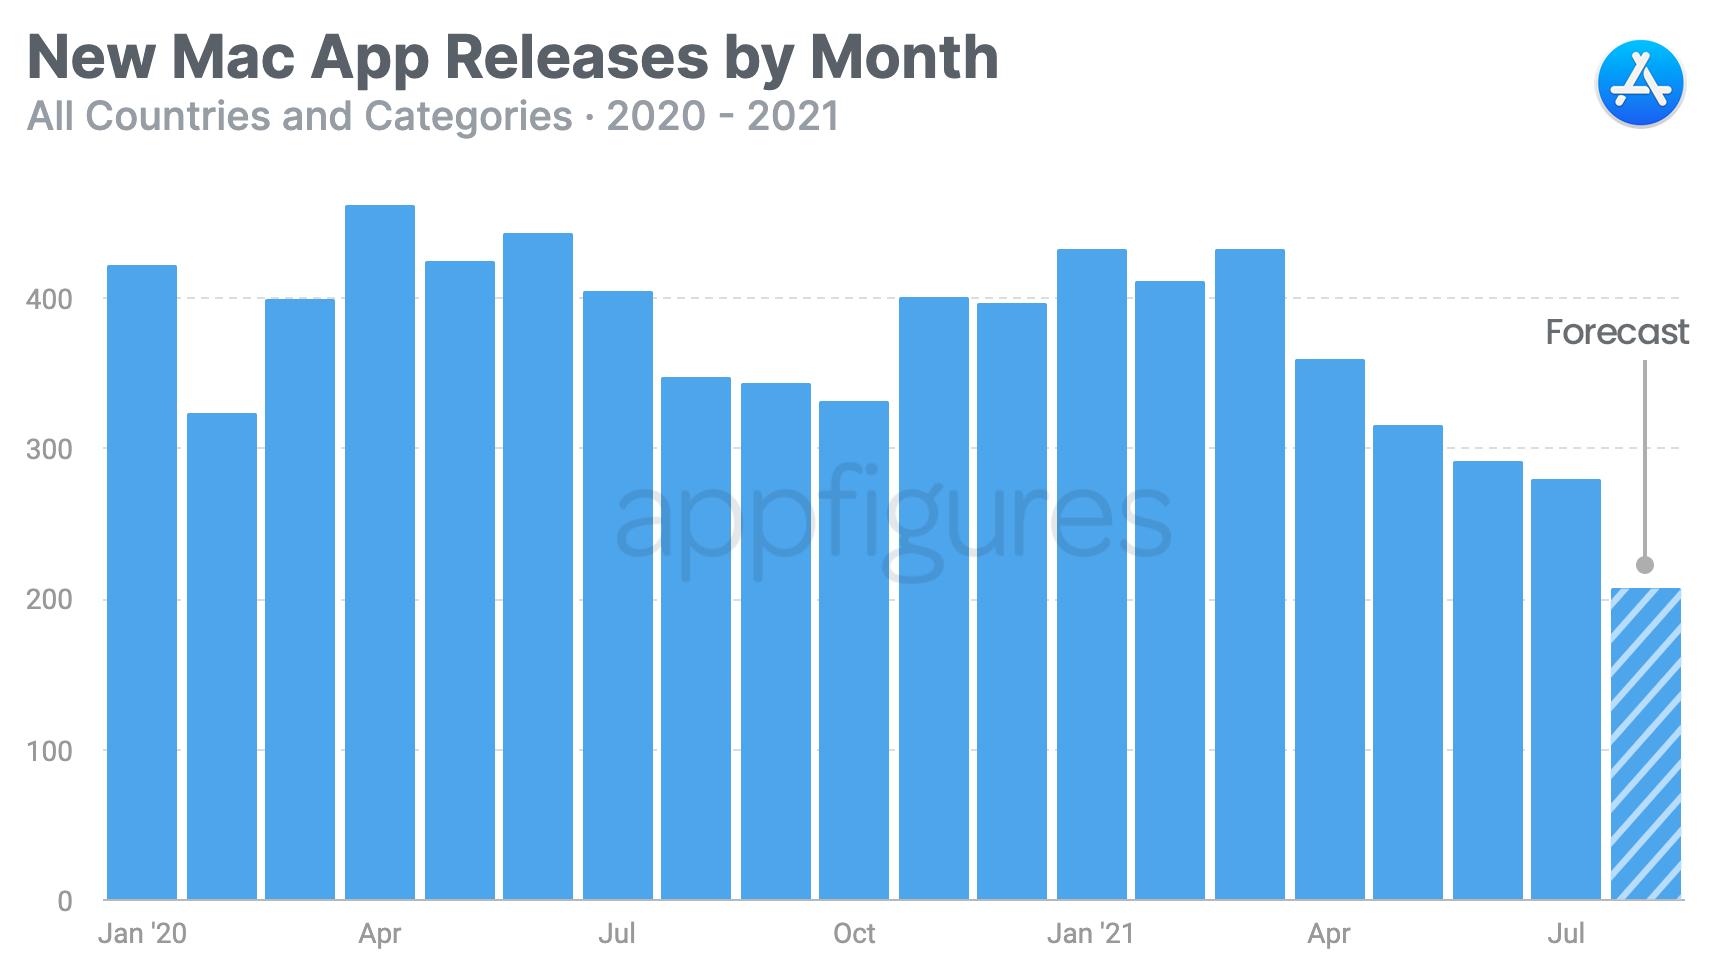 Pesquisa sobre novos apps na Mac App Store